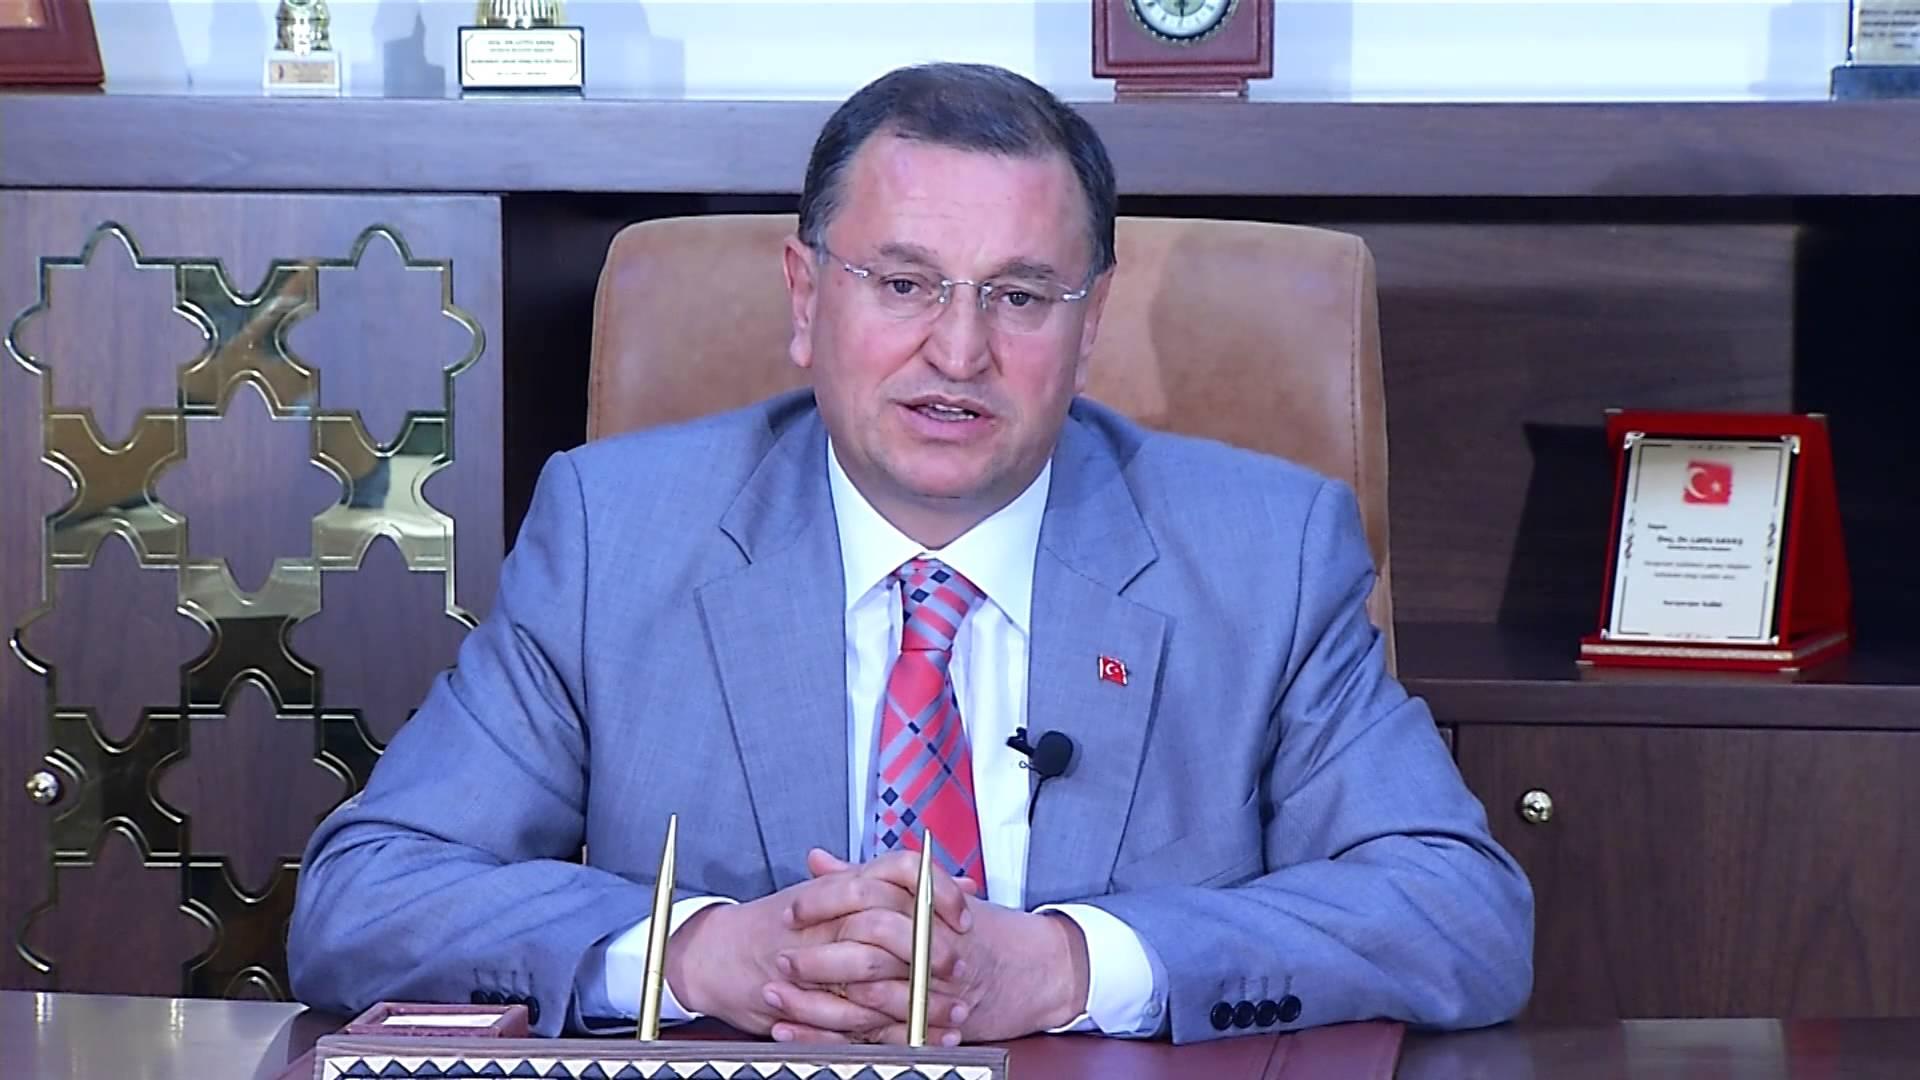 CHP'li Hatay Büyükşehir Belediye Başkanı Lütfi Savaş hakkında soruşturma başlatıldı